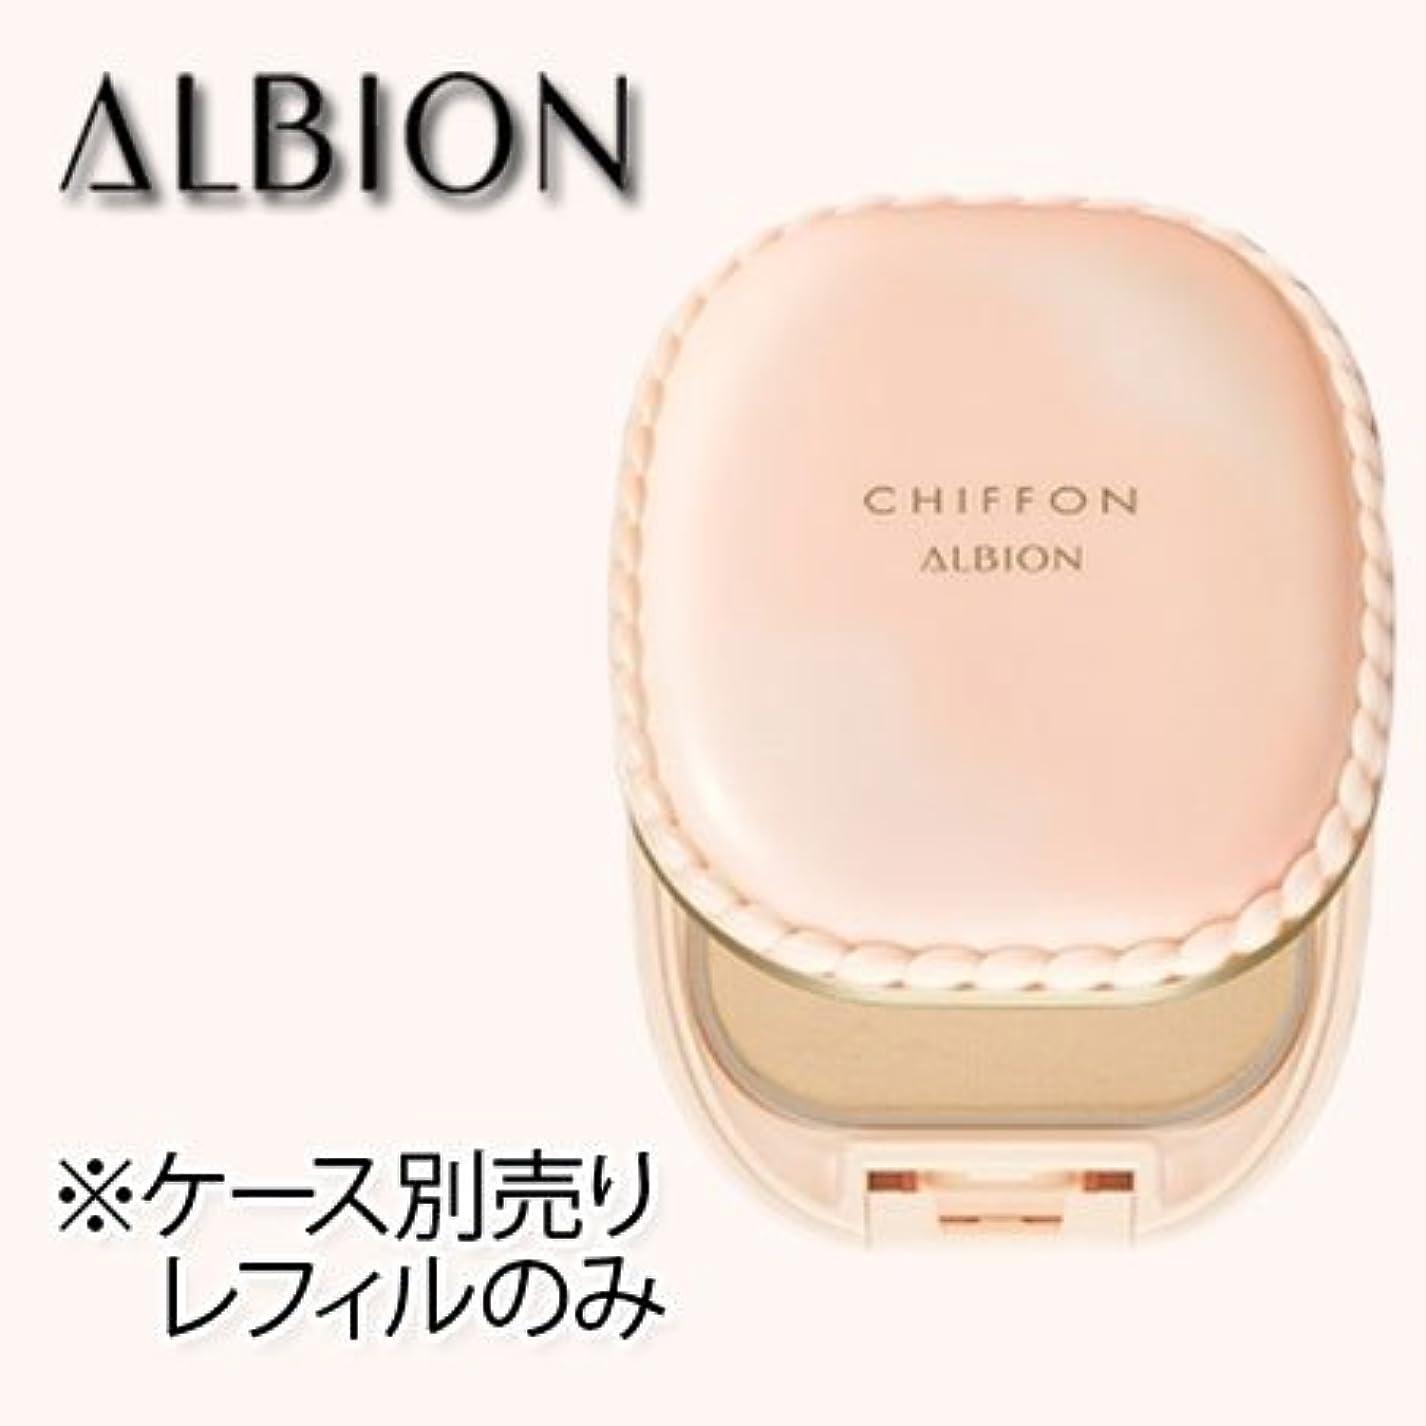 最大限振る舞う朝アルビオン スウィート モイスチュア シフォン (レフィル) 10g 6色 SPF22 PA++-ALBION- 050